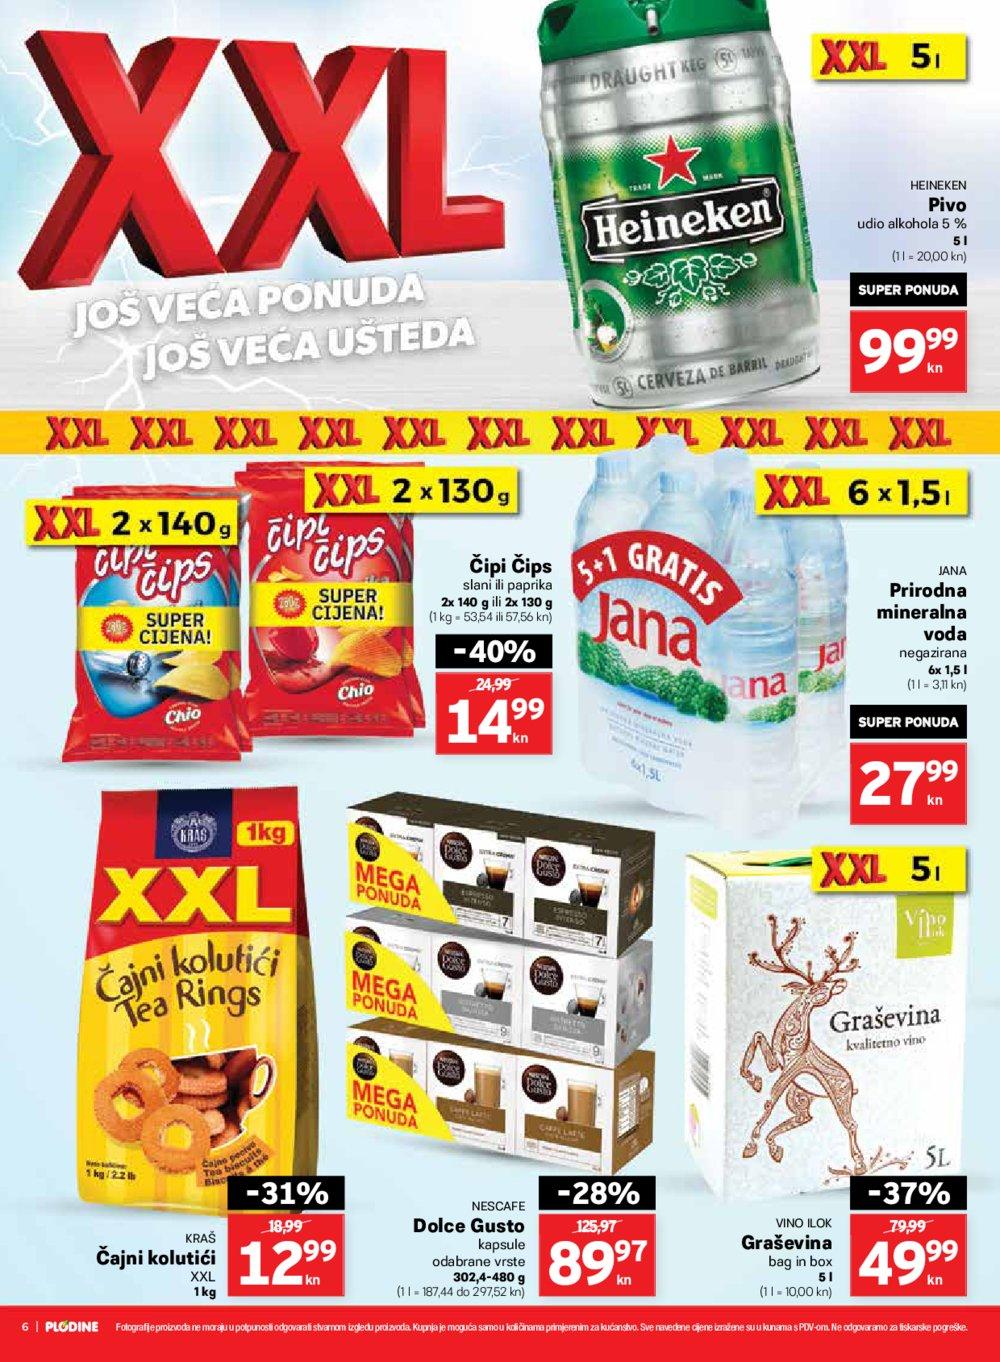 Plodine katalog XXL ponuda 09.07.-15.07.2020.